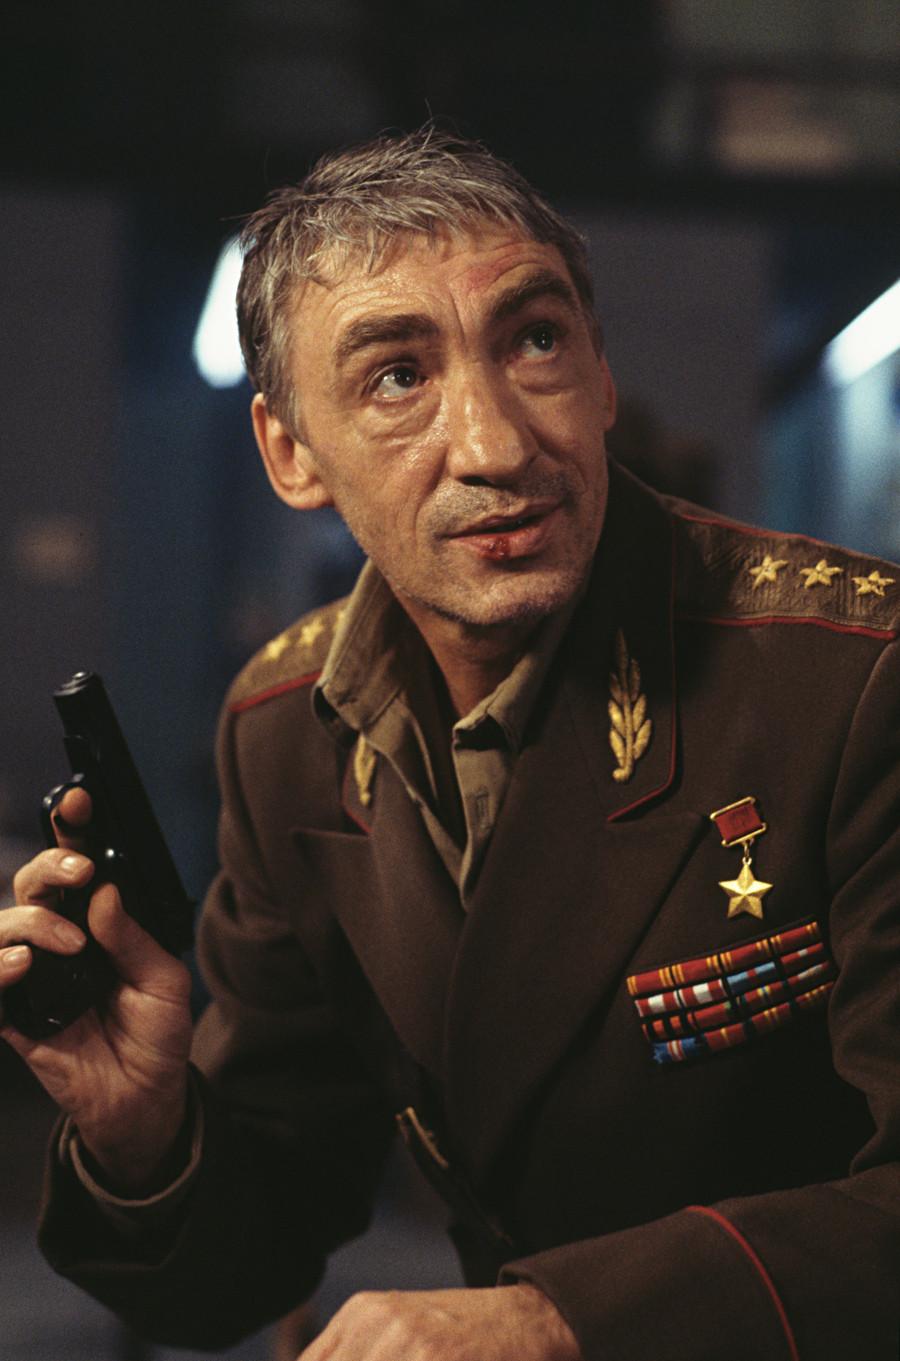 Ator alemão Gottfried John como General Ourumov